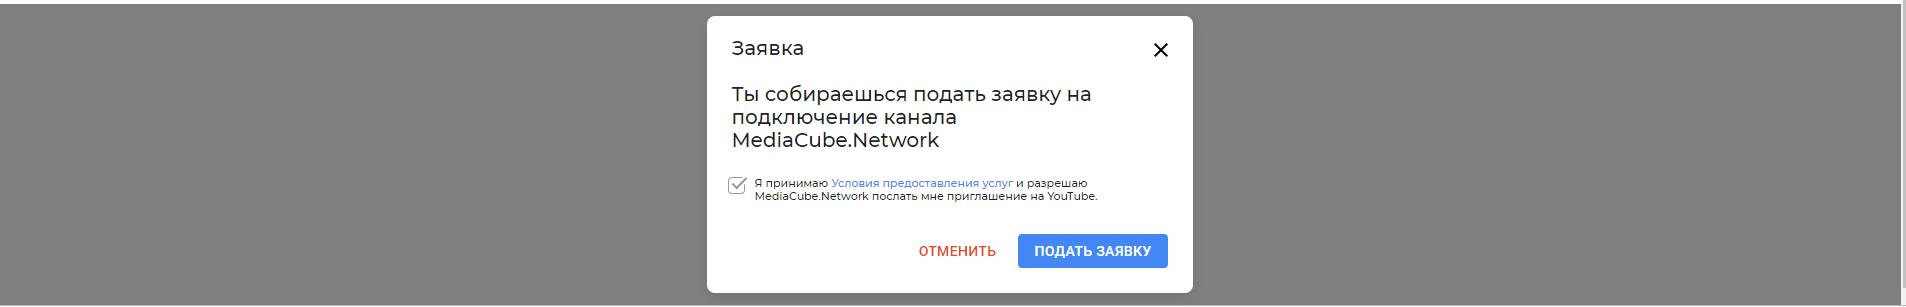 files.php?filename=8a48948537dd22e40476f